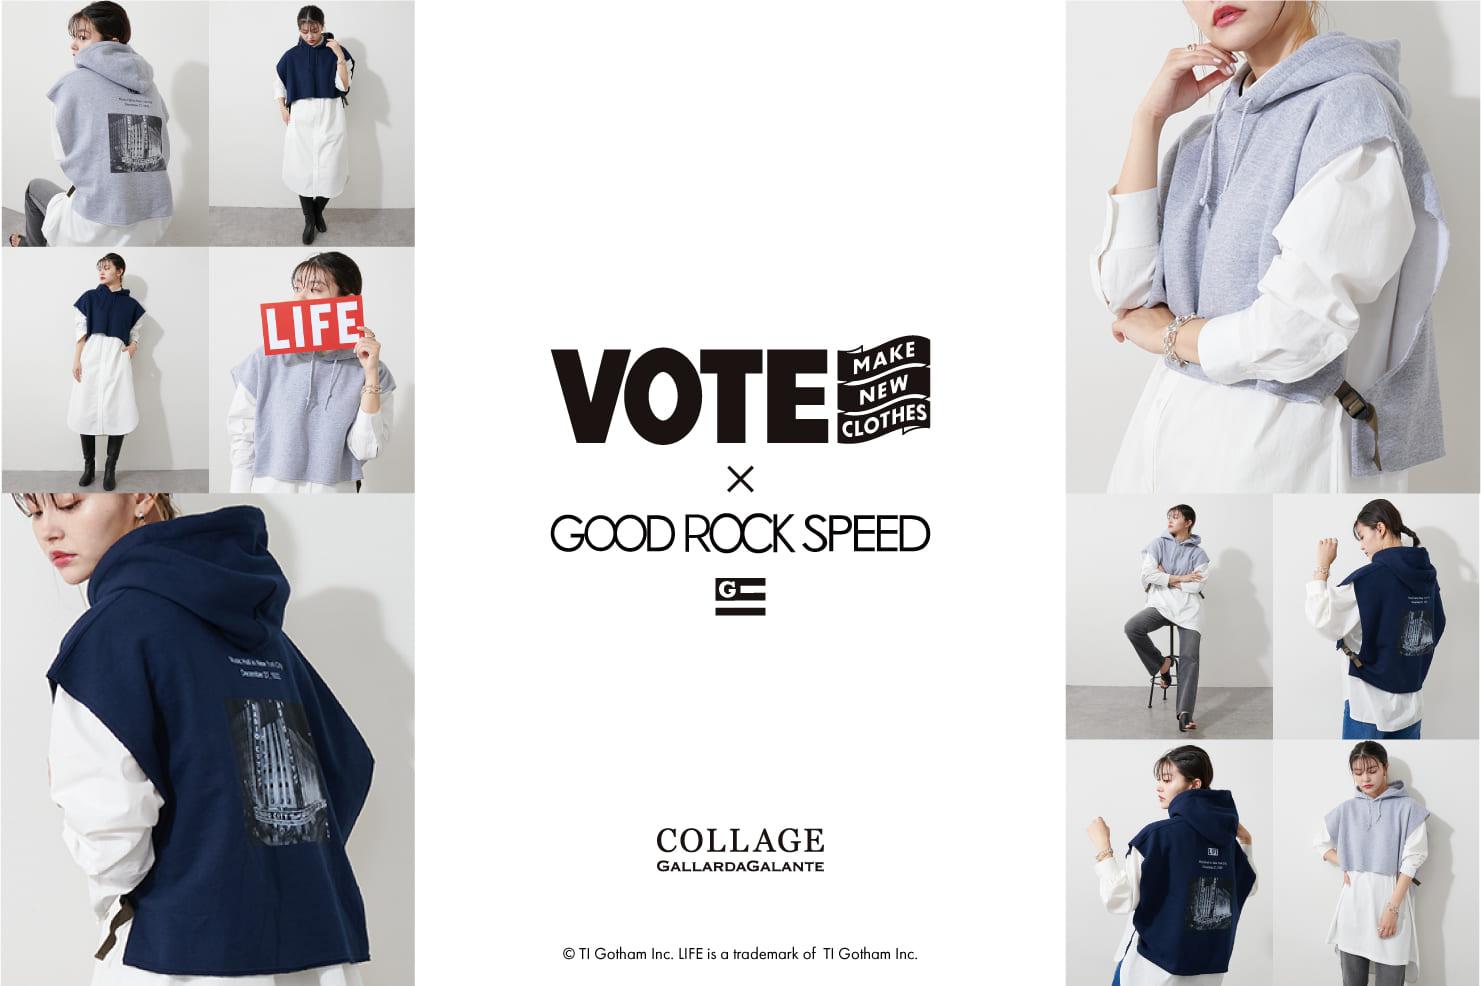 COLLAGE GALLARDAGALANTE 《VOTE MAKE NEW CLOTHES×GOOD ROCK SPEED》大人カジュアルの新提案